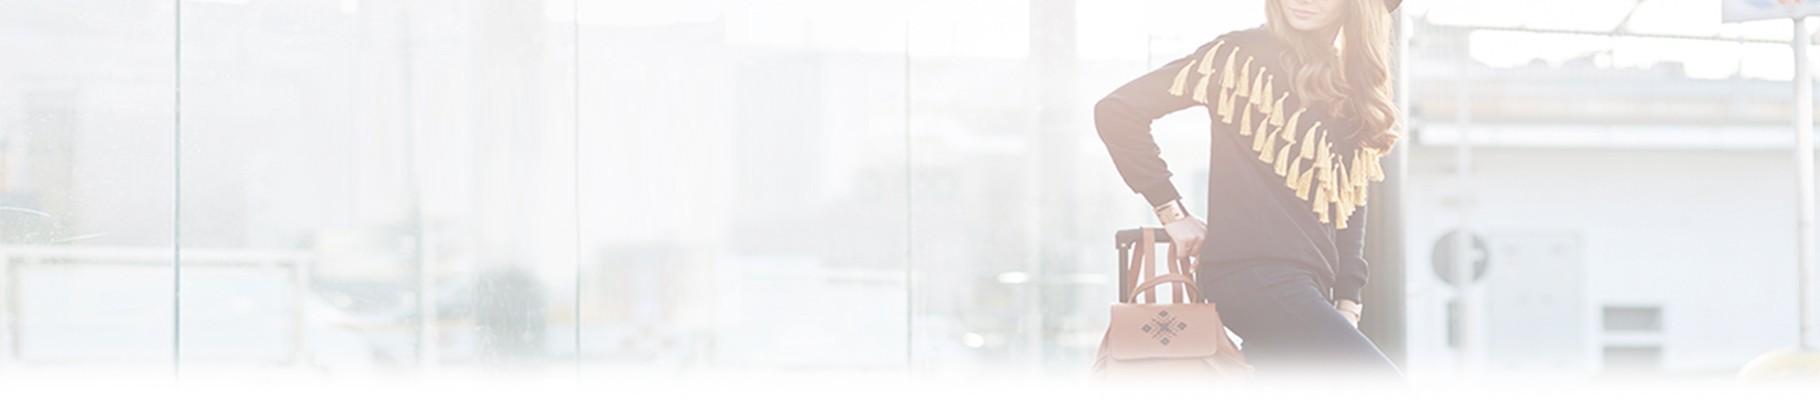 Scopri tutti gli accessori donna firmati dai brands di abbigliamento